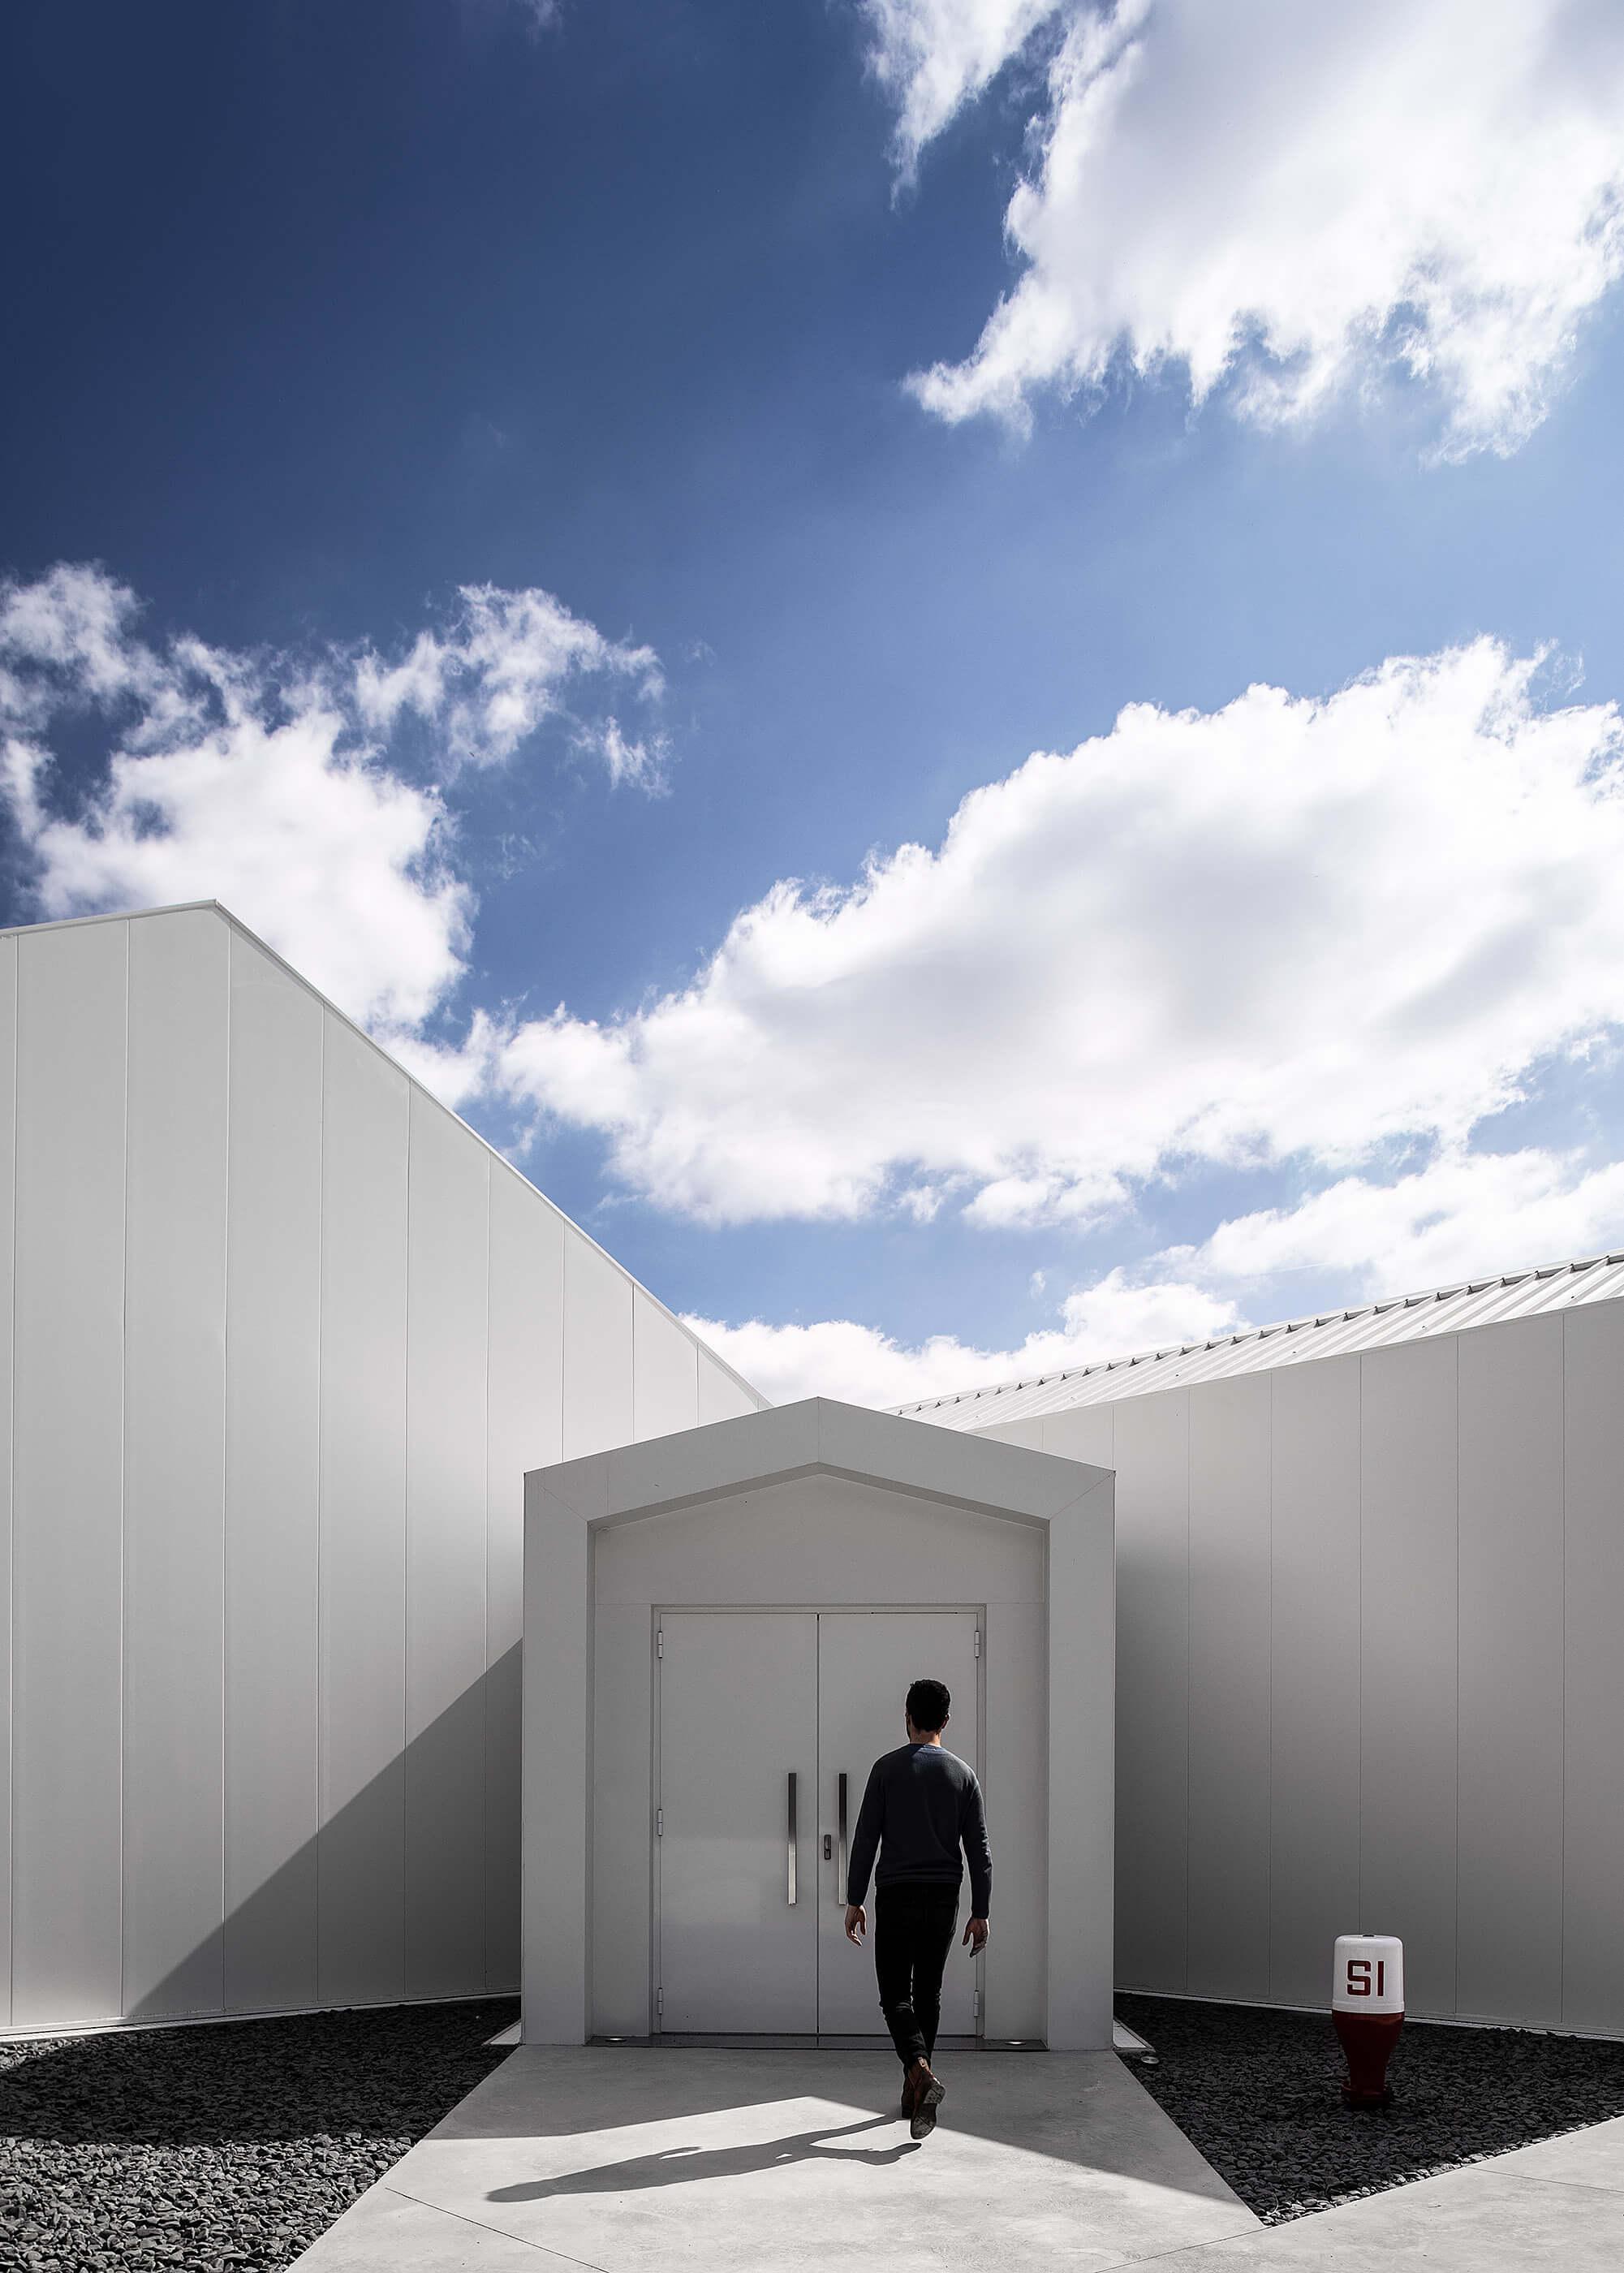 Reportagem Fotografia De Arquitectura Portuguesa Fotografo Ivo Tavares Studio Adega Do Castanheirinho Do Arquitecto João Albano , Águeda.